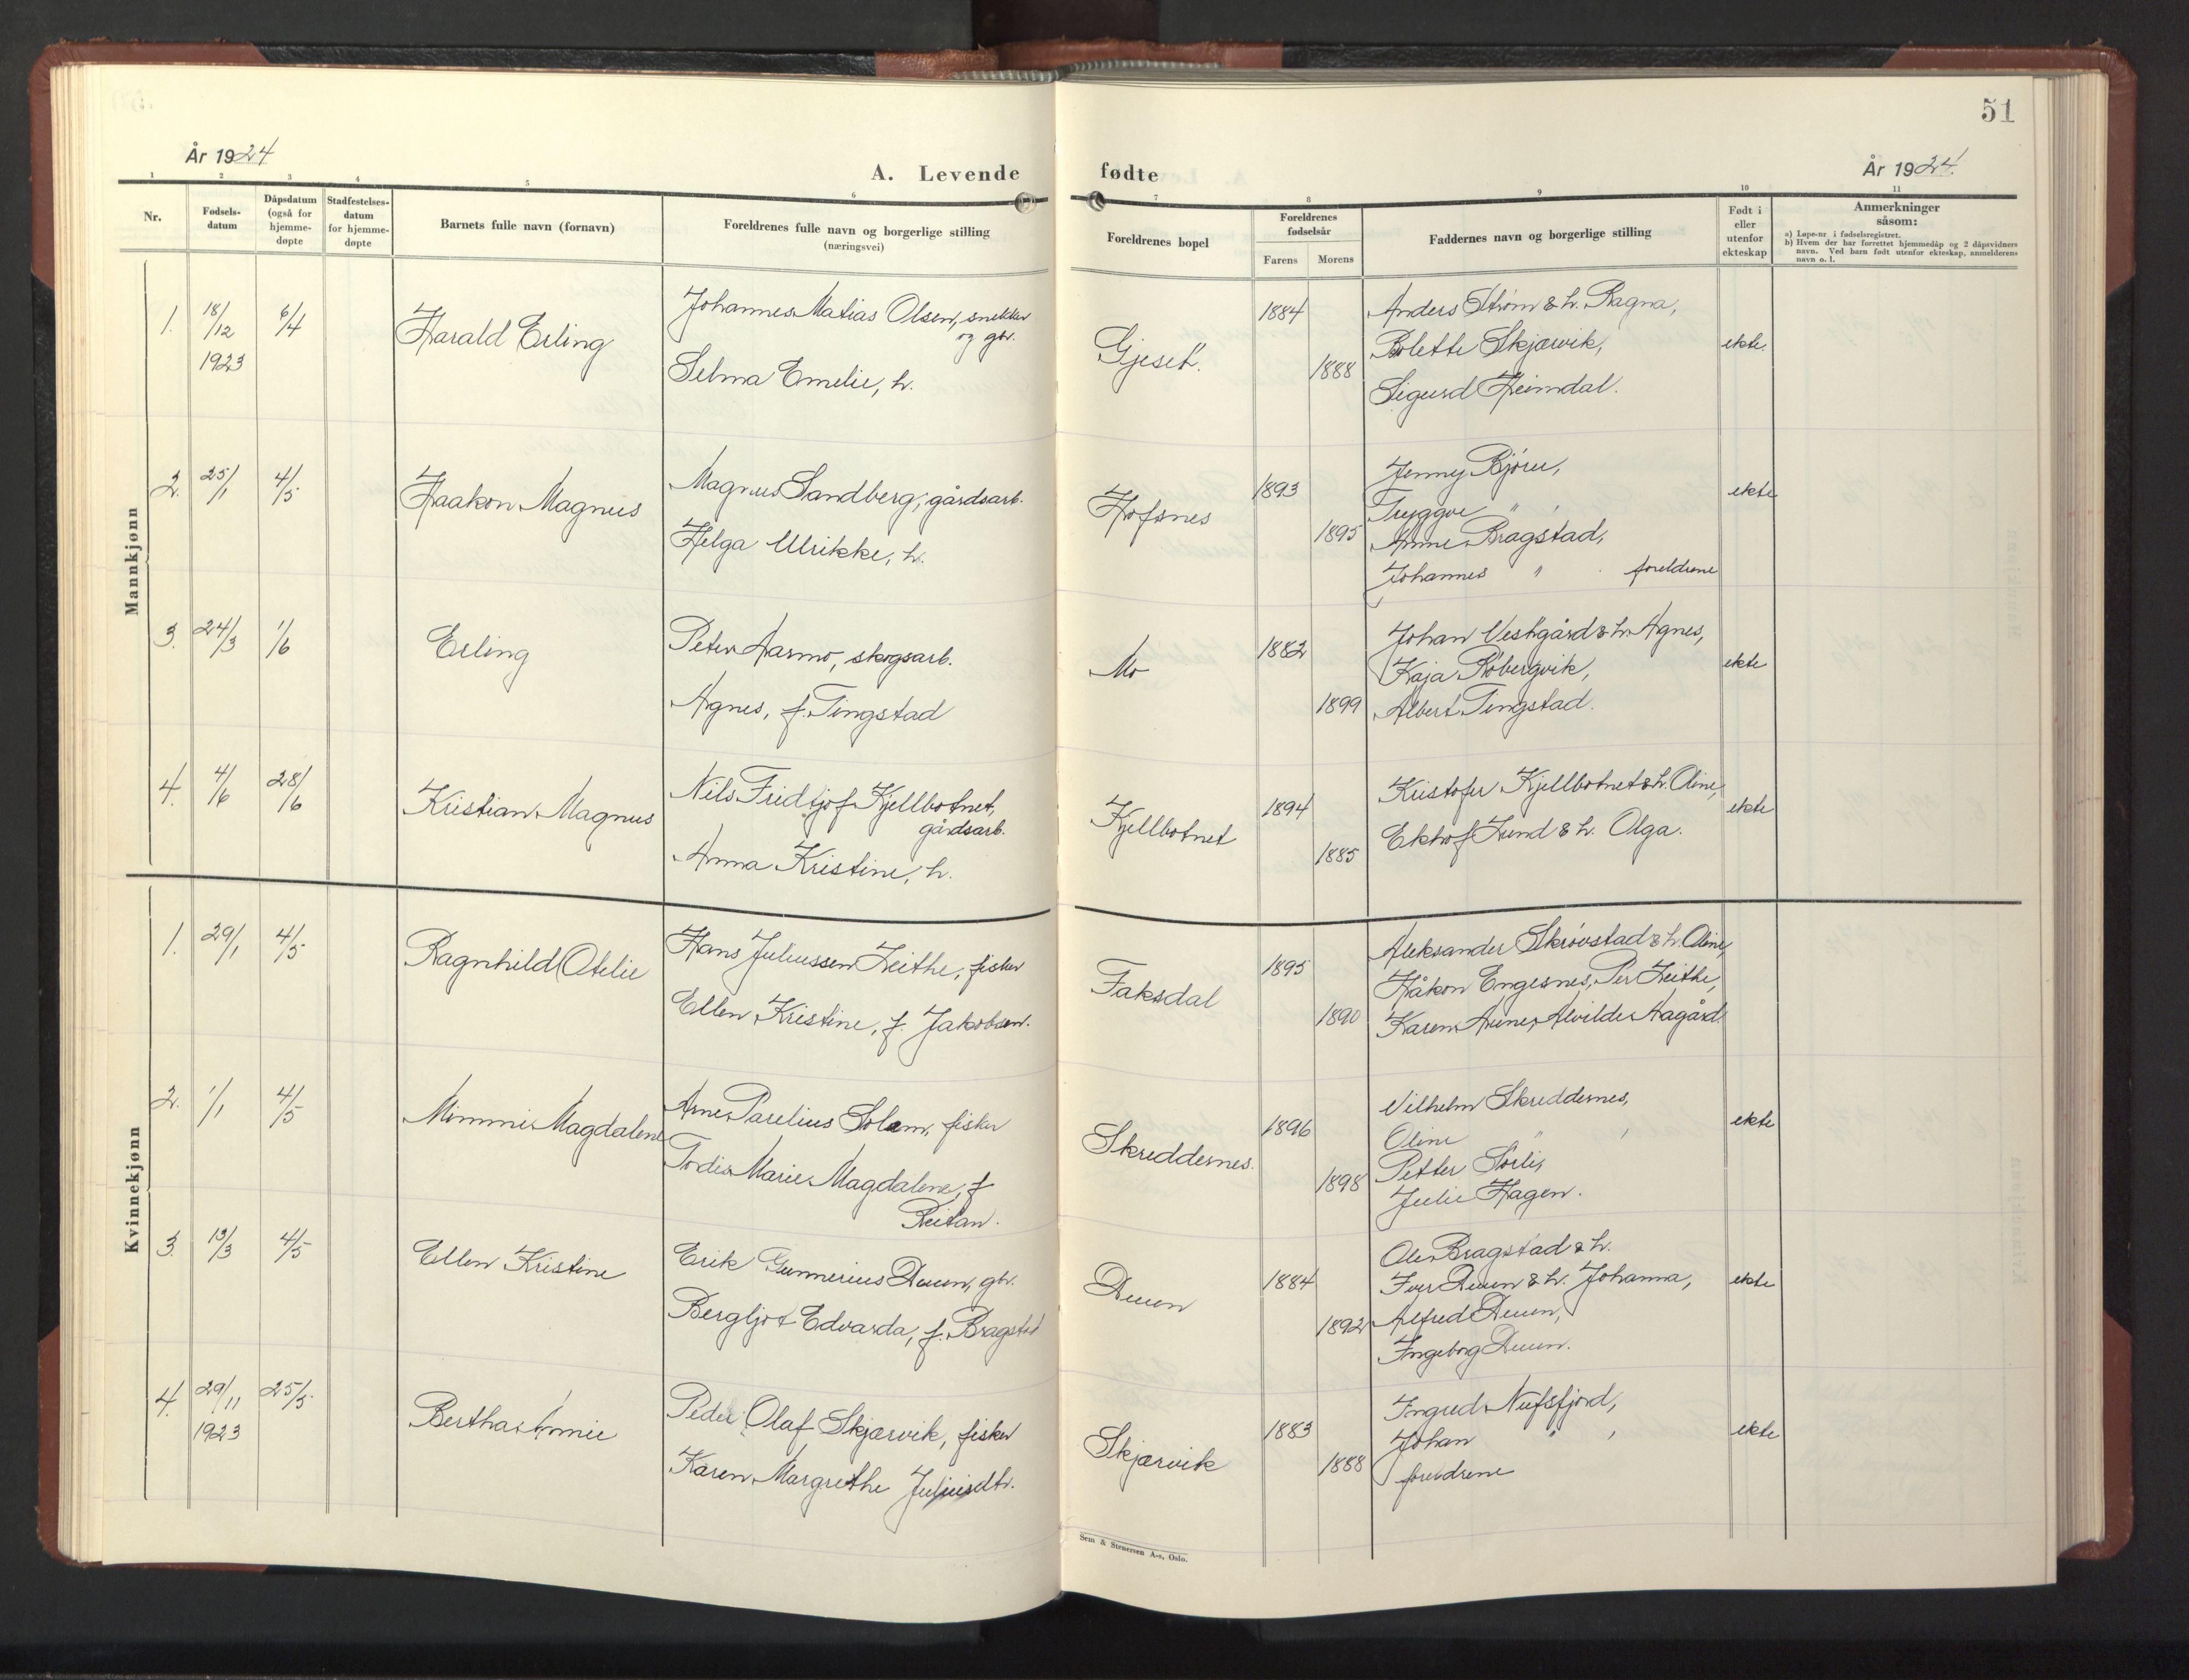 SAT, Ministerialprotokoller, klokkerbøker og fødselsregistre - Nord-Trøndelag, 773/L0625: Klokkerbok nr. 773C01, 1910-1952, s. 51